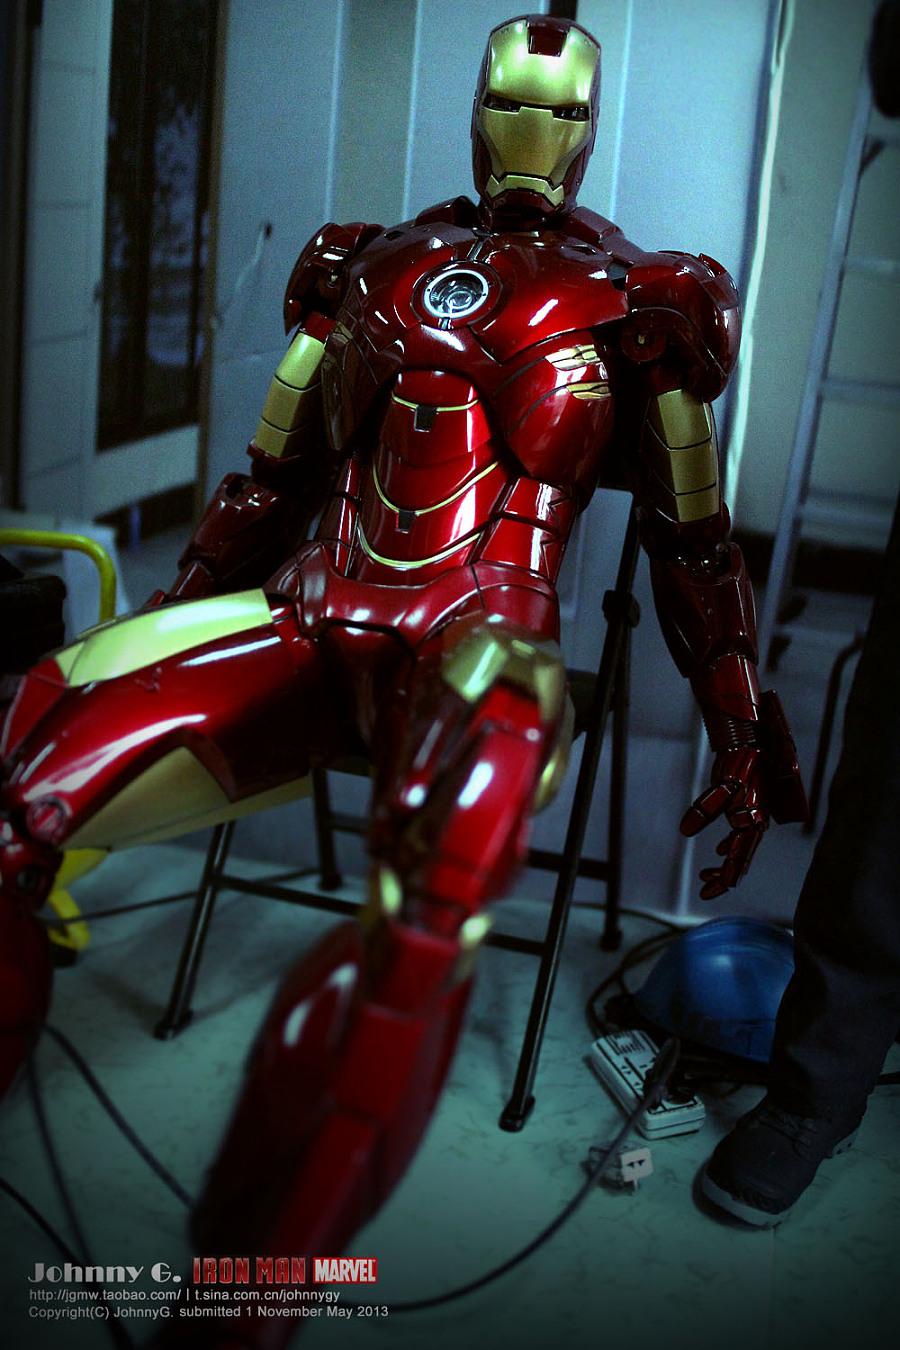 查看《钢铁侠火爆进行时来一组新鲜出炉的人偶场景拍摄》原图,原图尺寸:1000x1500